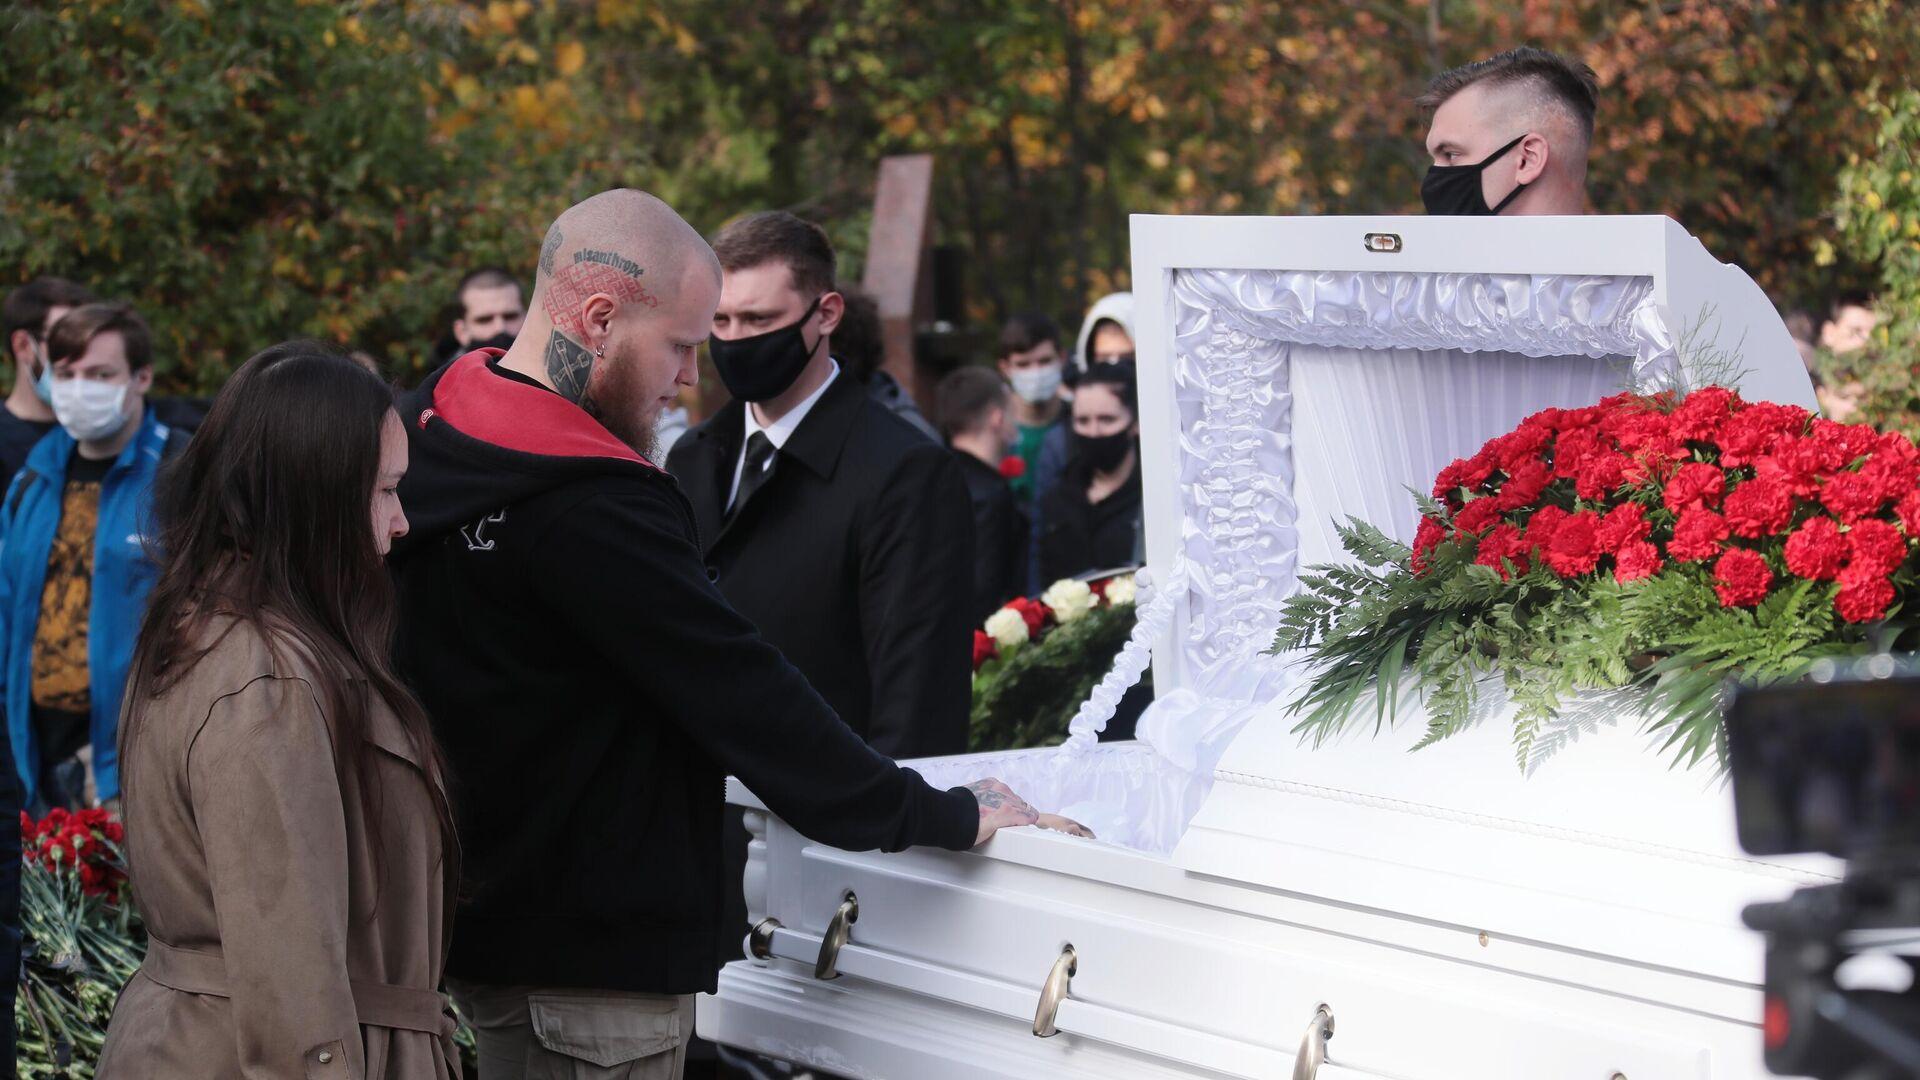 Церемония прощания с националистом Максимом Марцинкевичем (известным как Тесак) на Кунцевском кладбище - РИА Новости, 1920, 03.10.2020